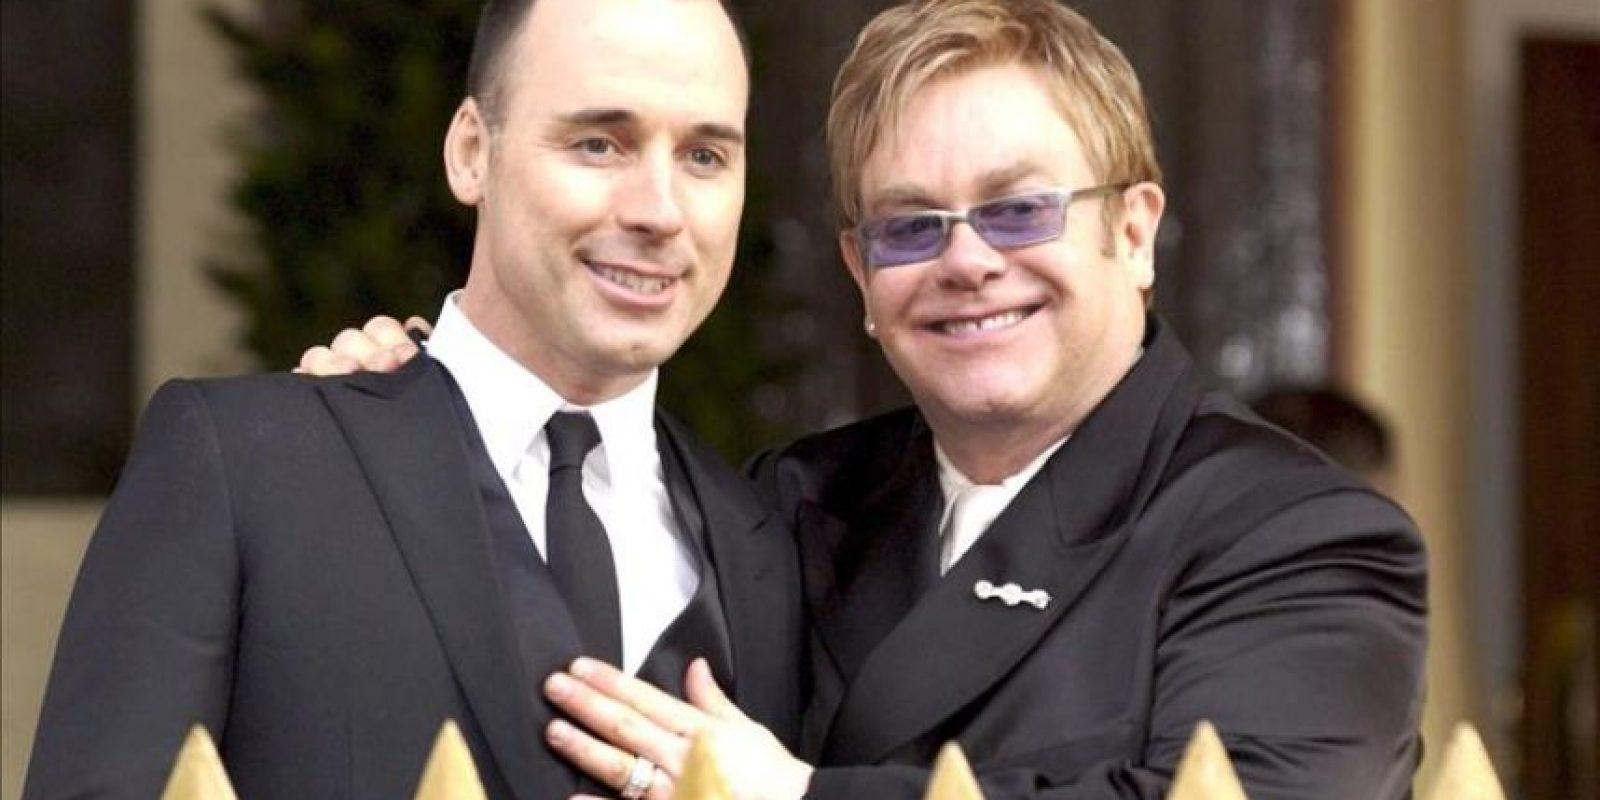 La pareja, que se conoció en 1993 a través de un amigo mutuo, celebra su boda justo nueve años después de haber formalizado, el 21 de diciembre de 2005, su unión civil (en la magen). EFE/Archivo